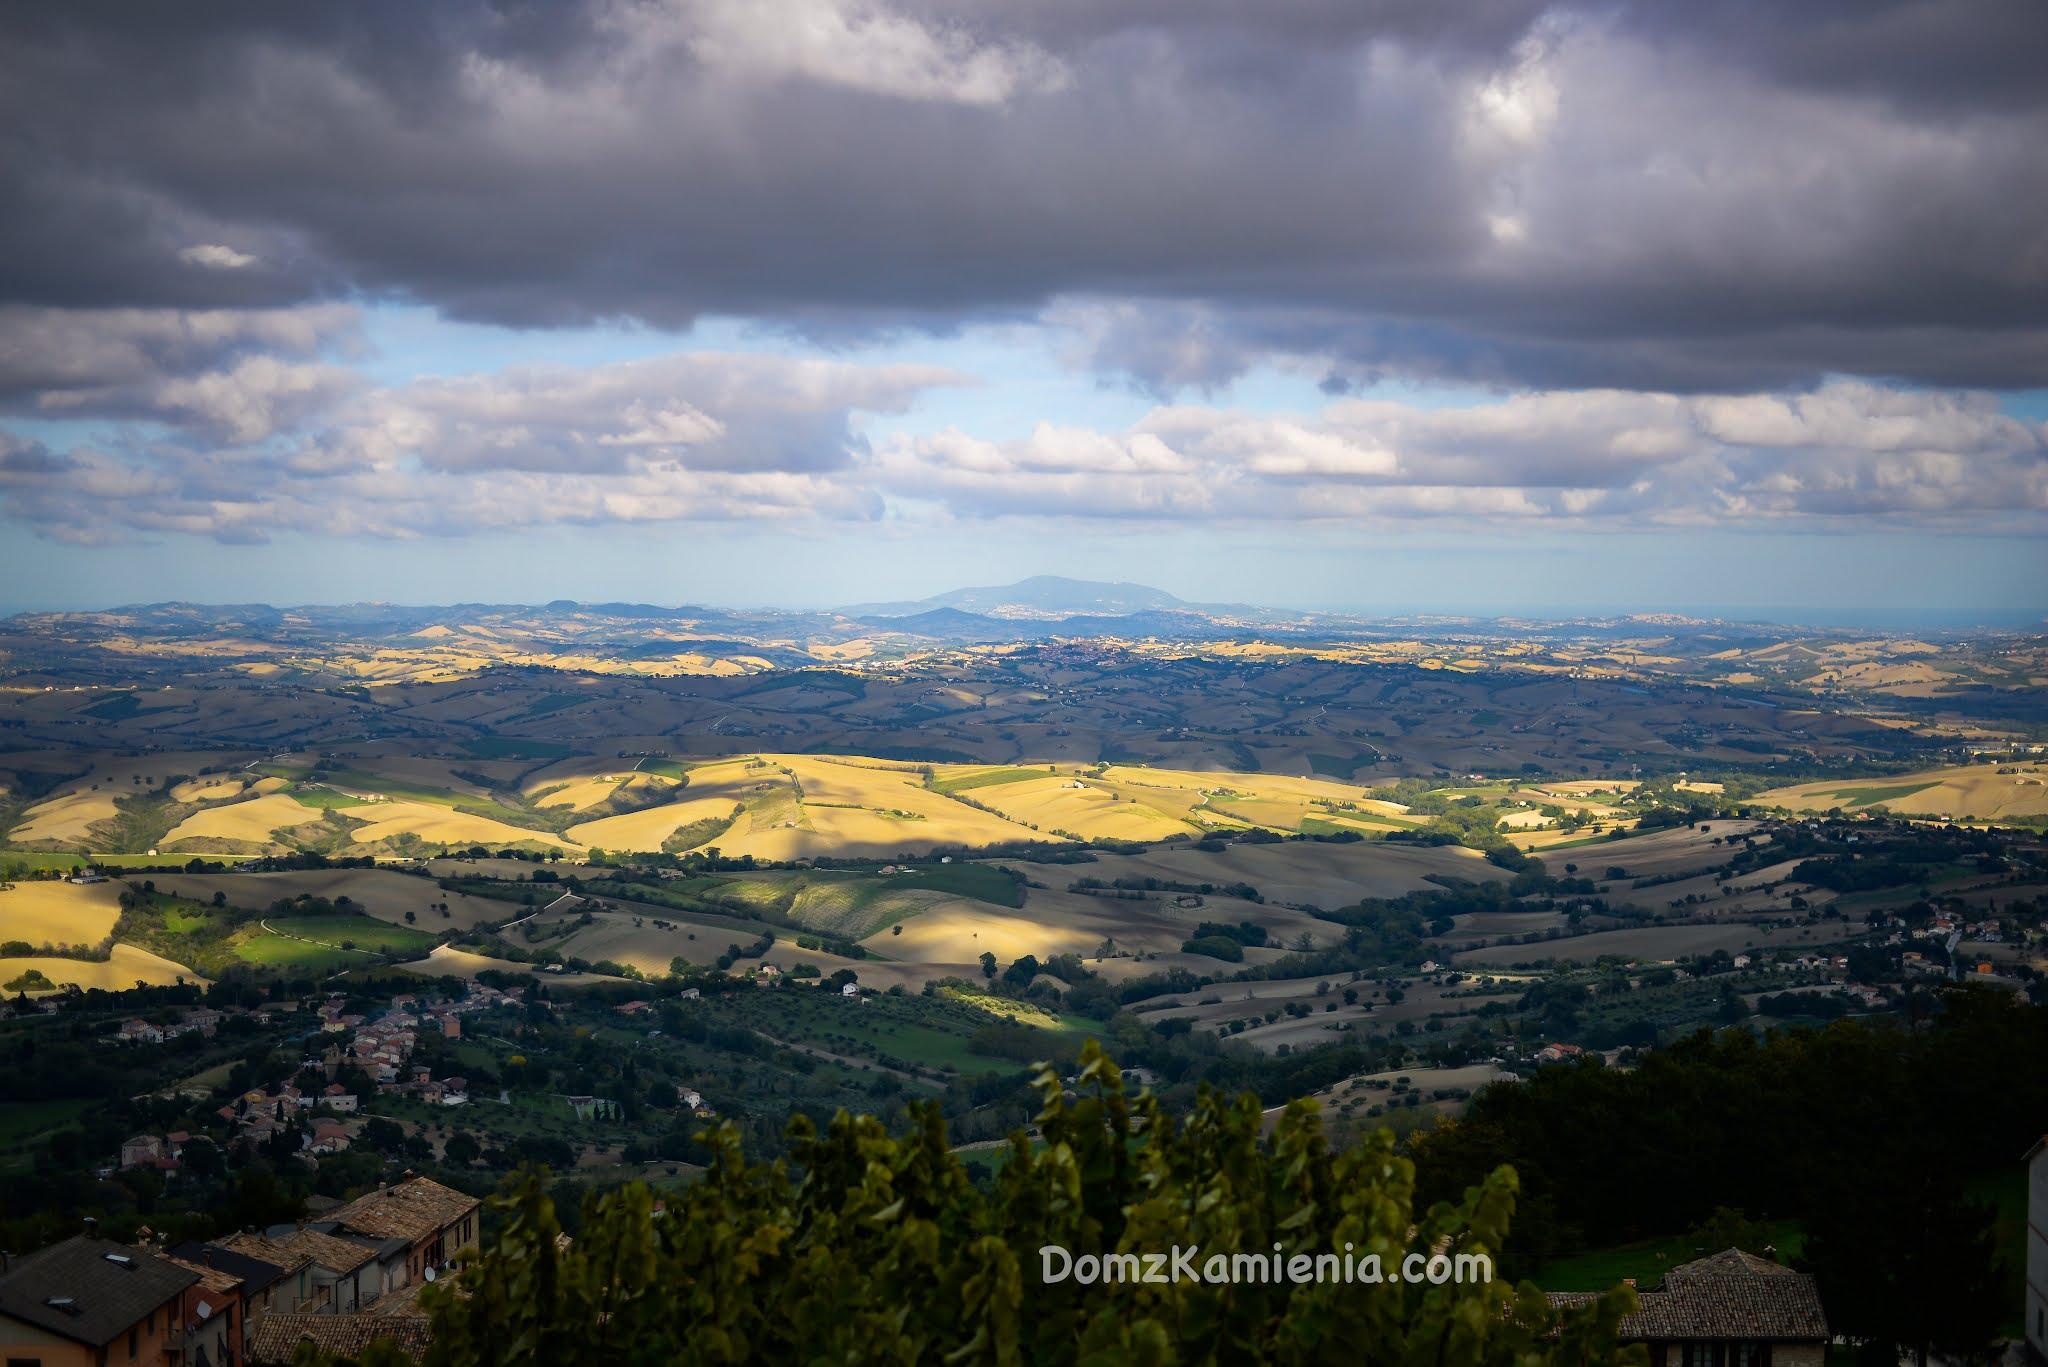 Marche nieznany region Włoch, Dom z Kamienia blog